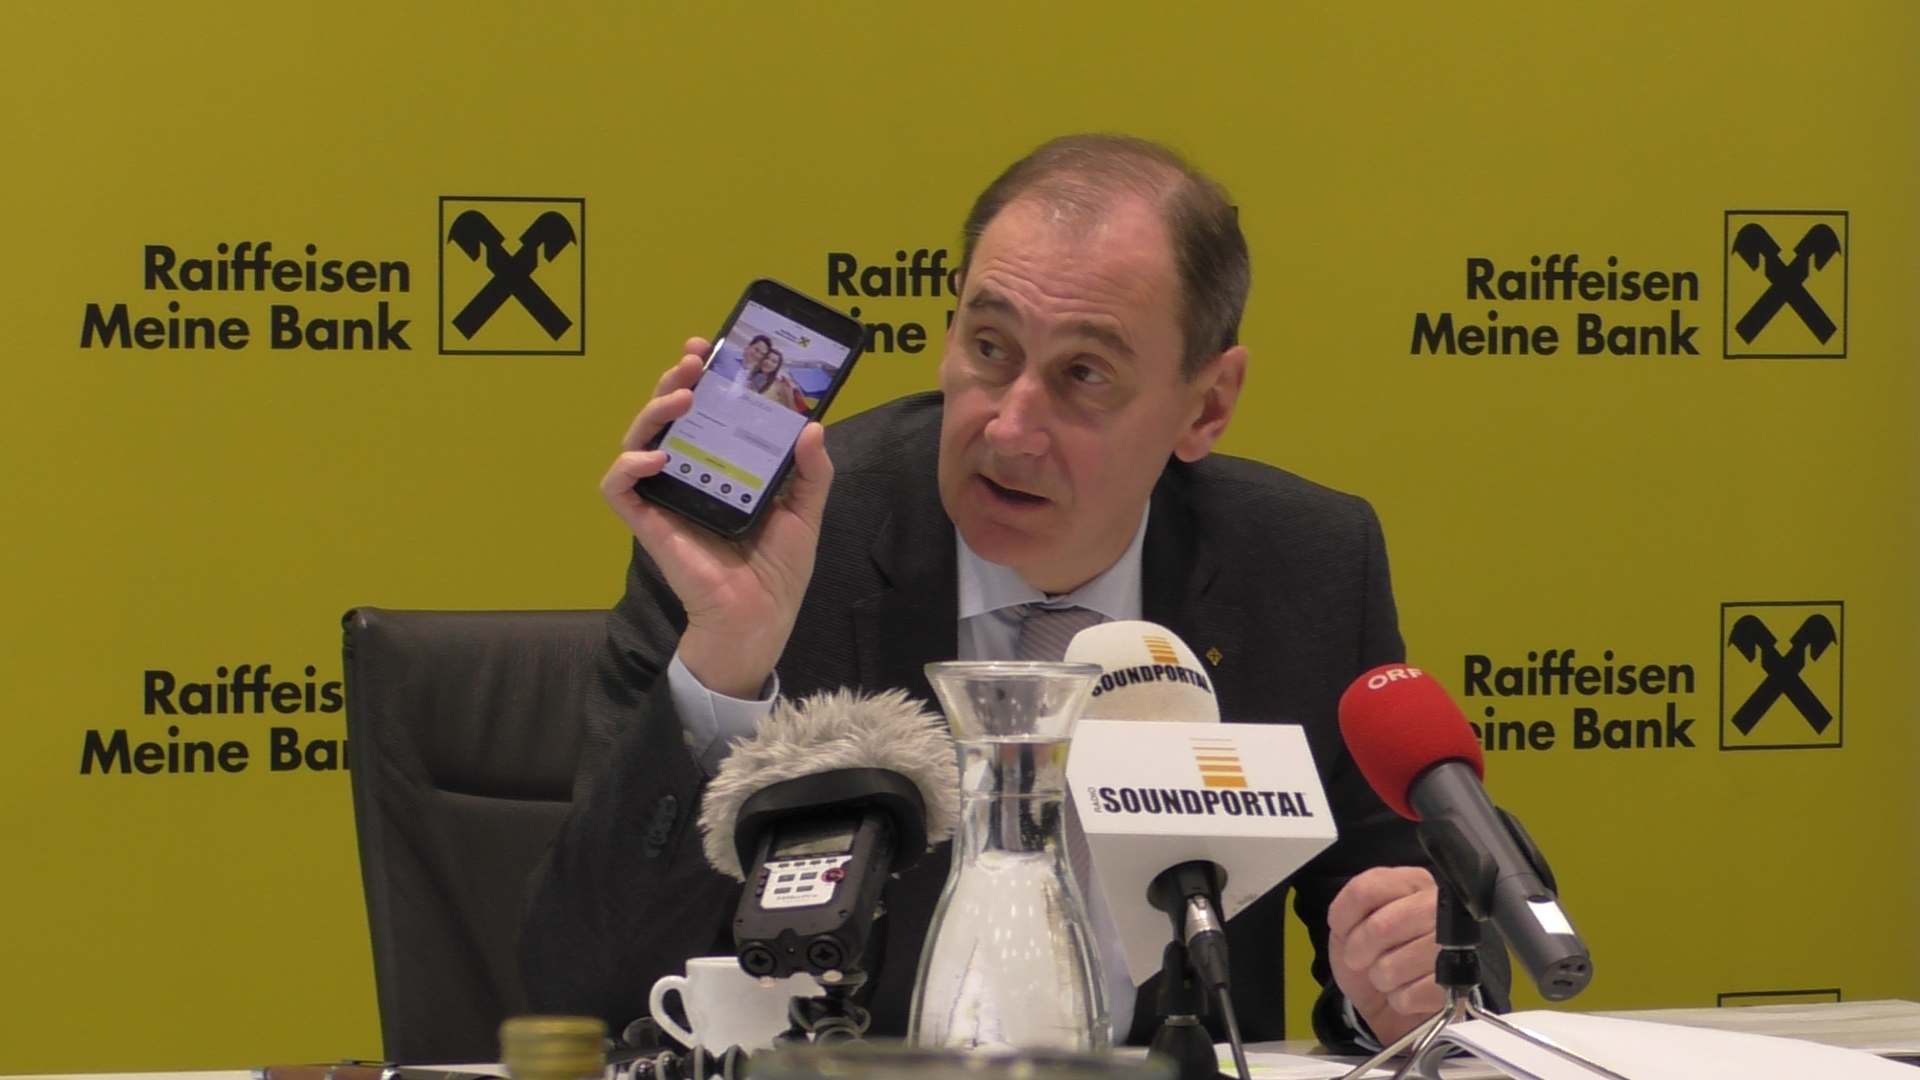 Martin Schaller-Raiffeisenlandesbank-Smartphone